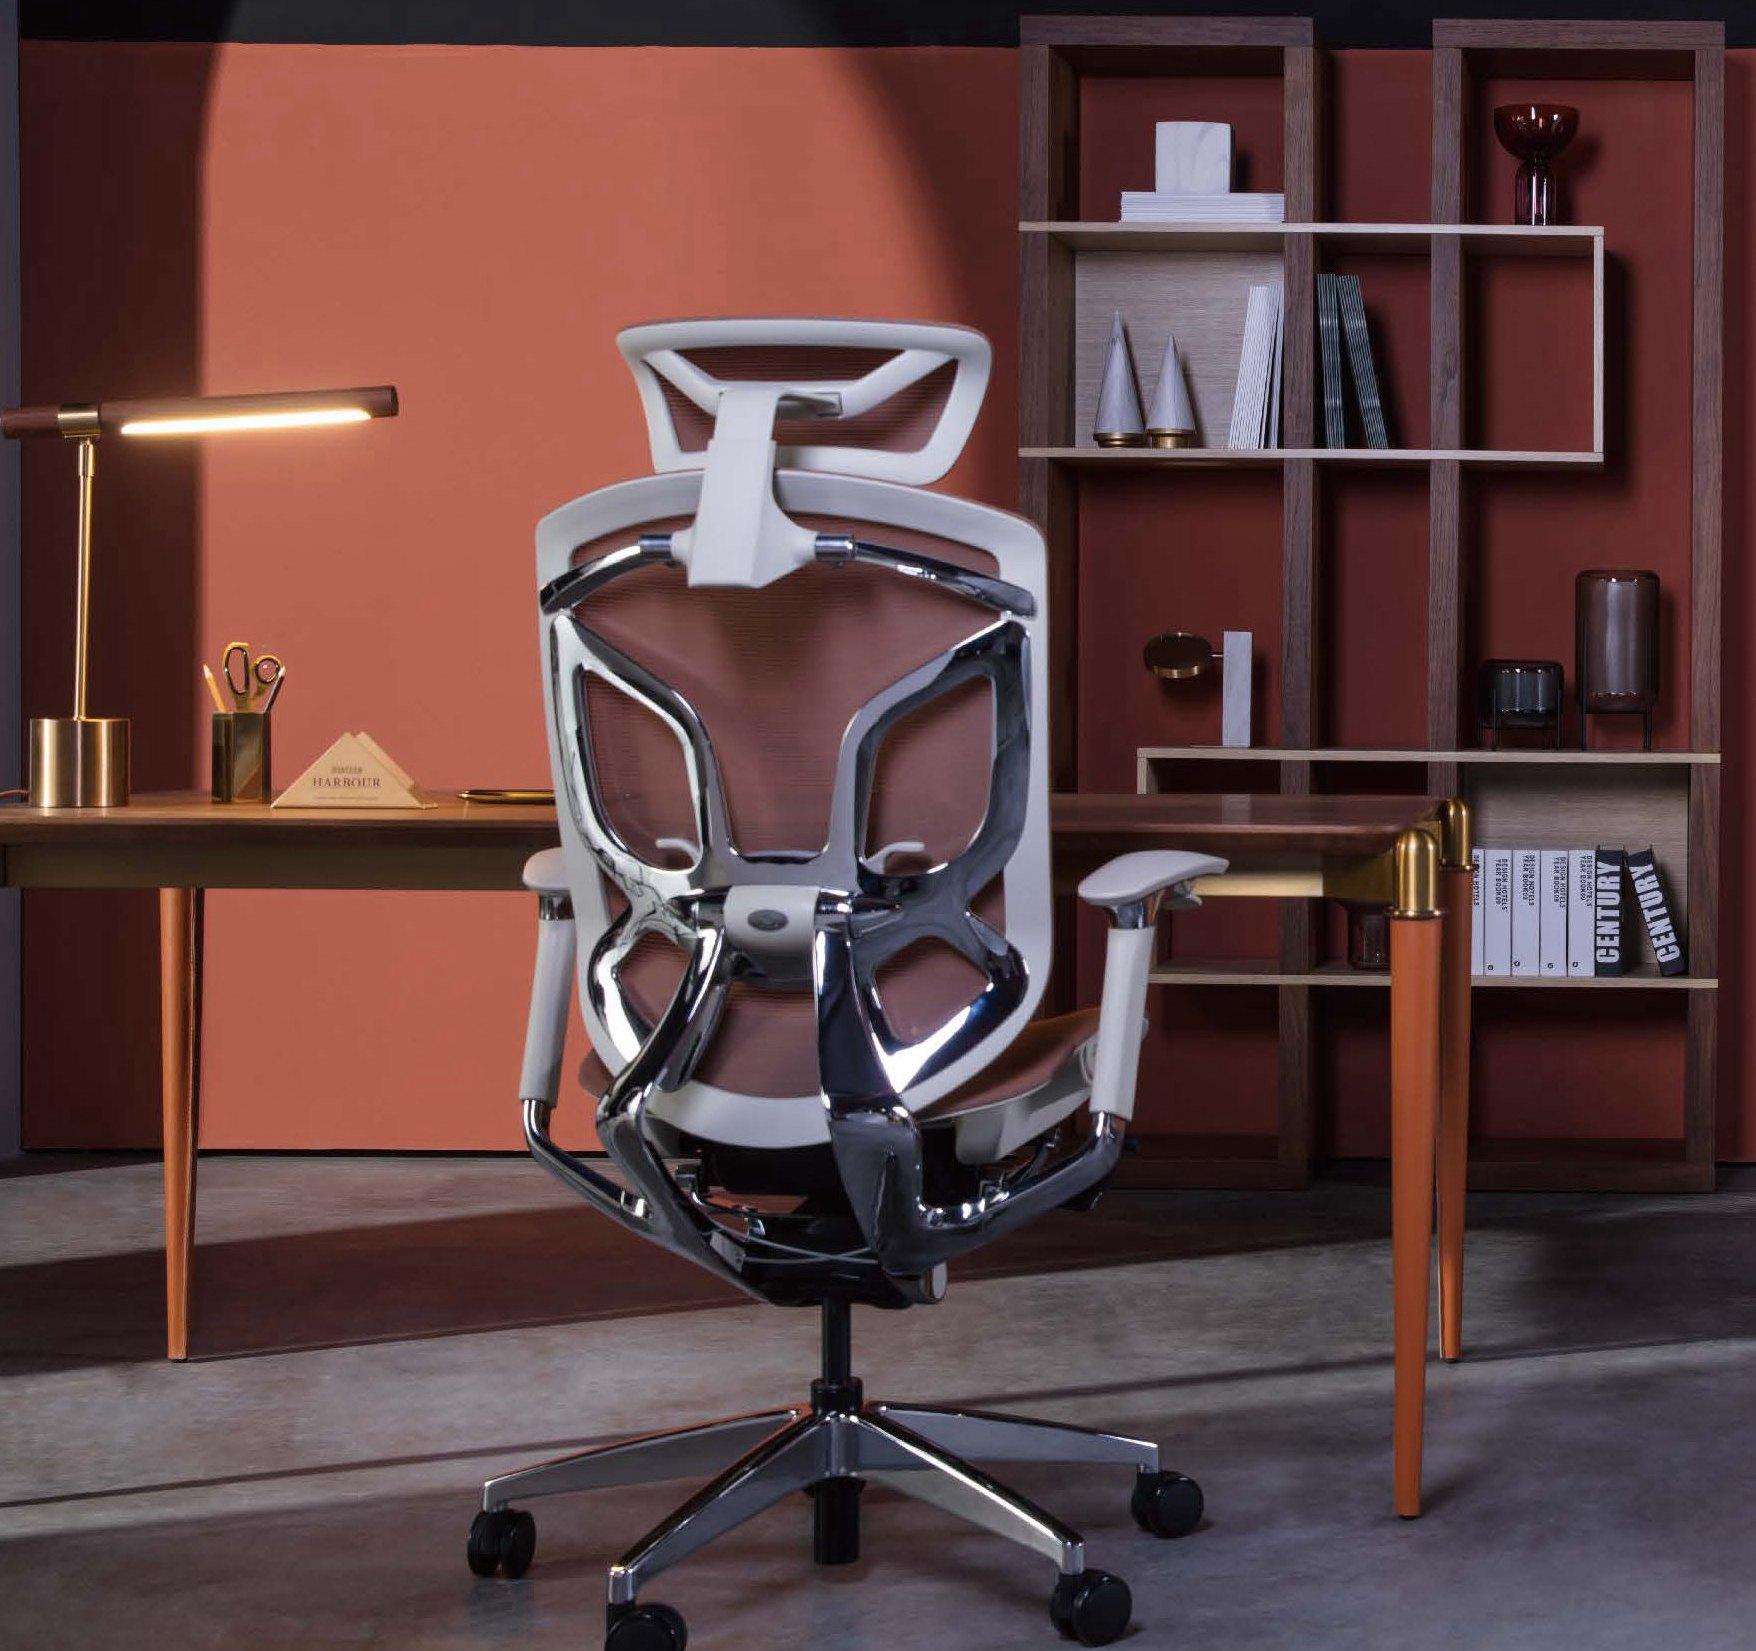 创意蝴蝶椅杜邦尼龙网布大班椅铝合金架升降倾仰布面书桌椅